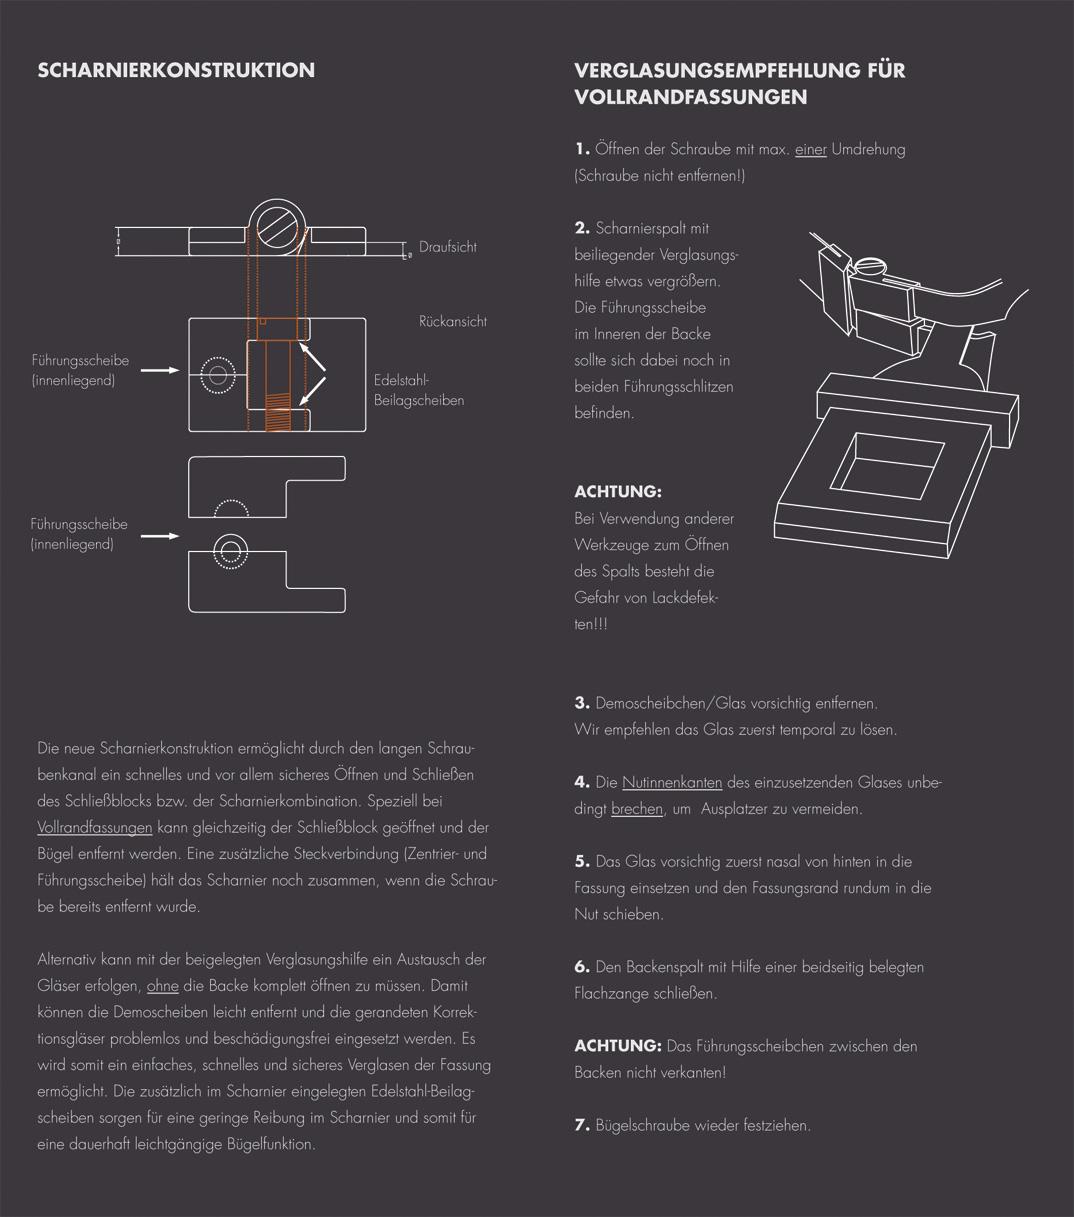 Freigeist Scharnierkonstruktion